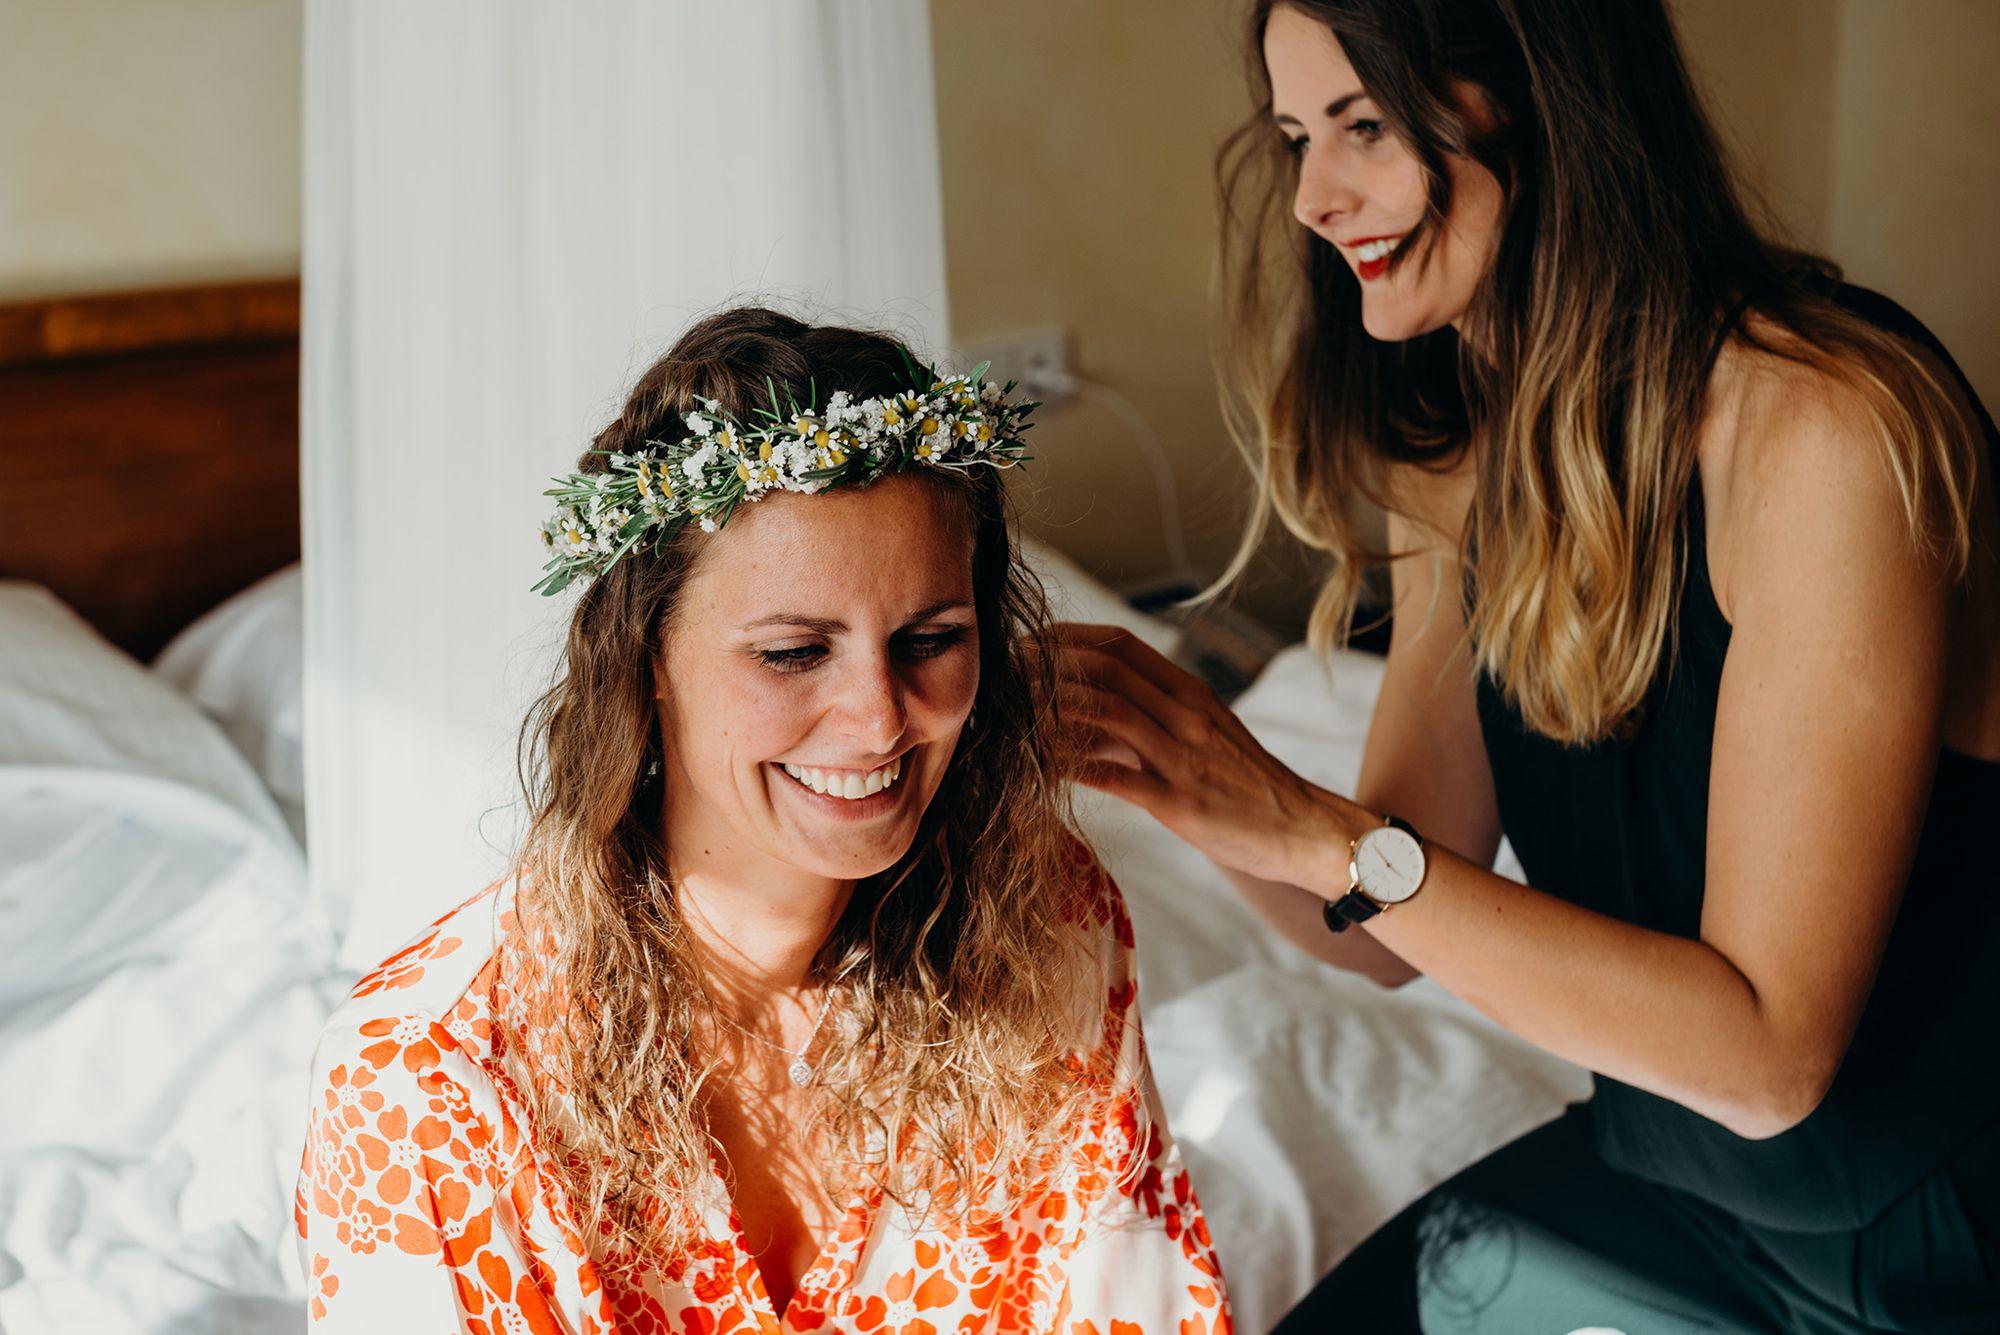 Brautstyling ist der erste Punkt im Ablaufplan bei der Hochzeit